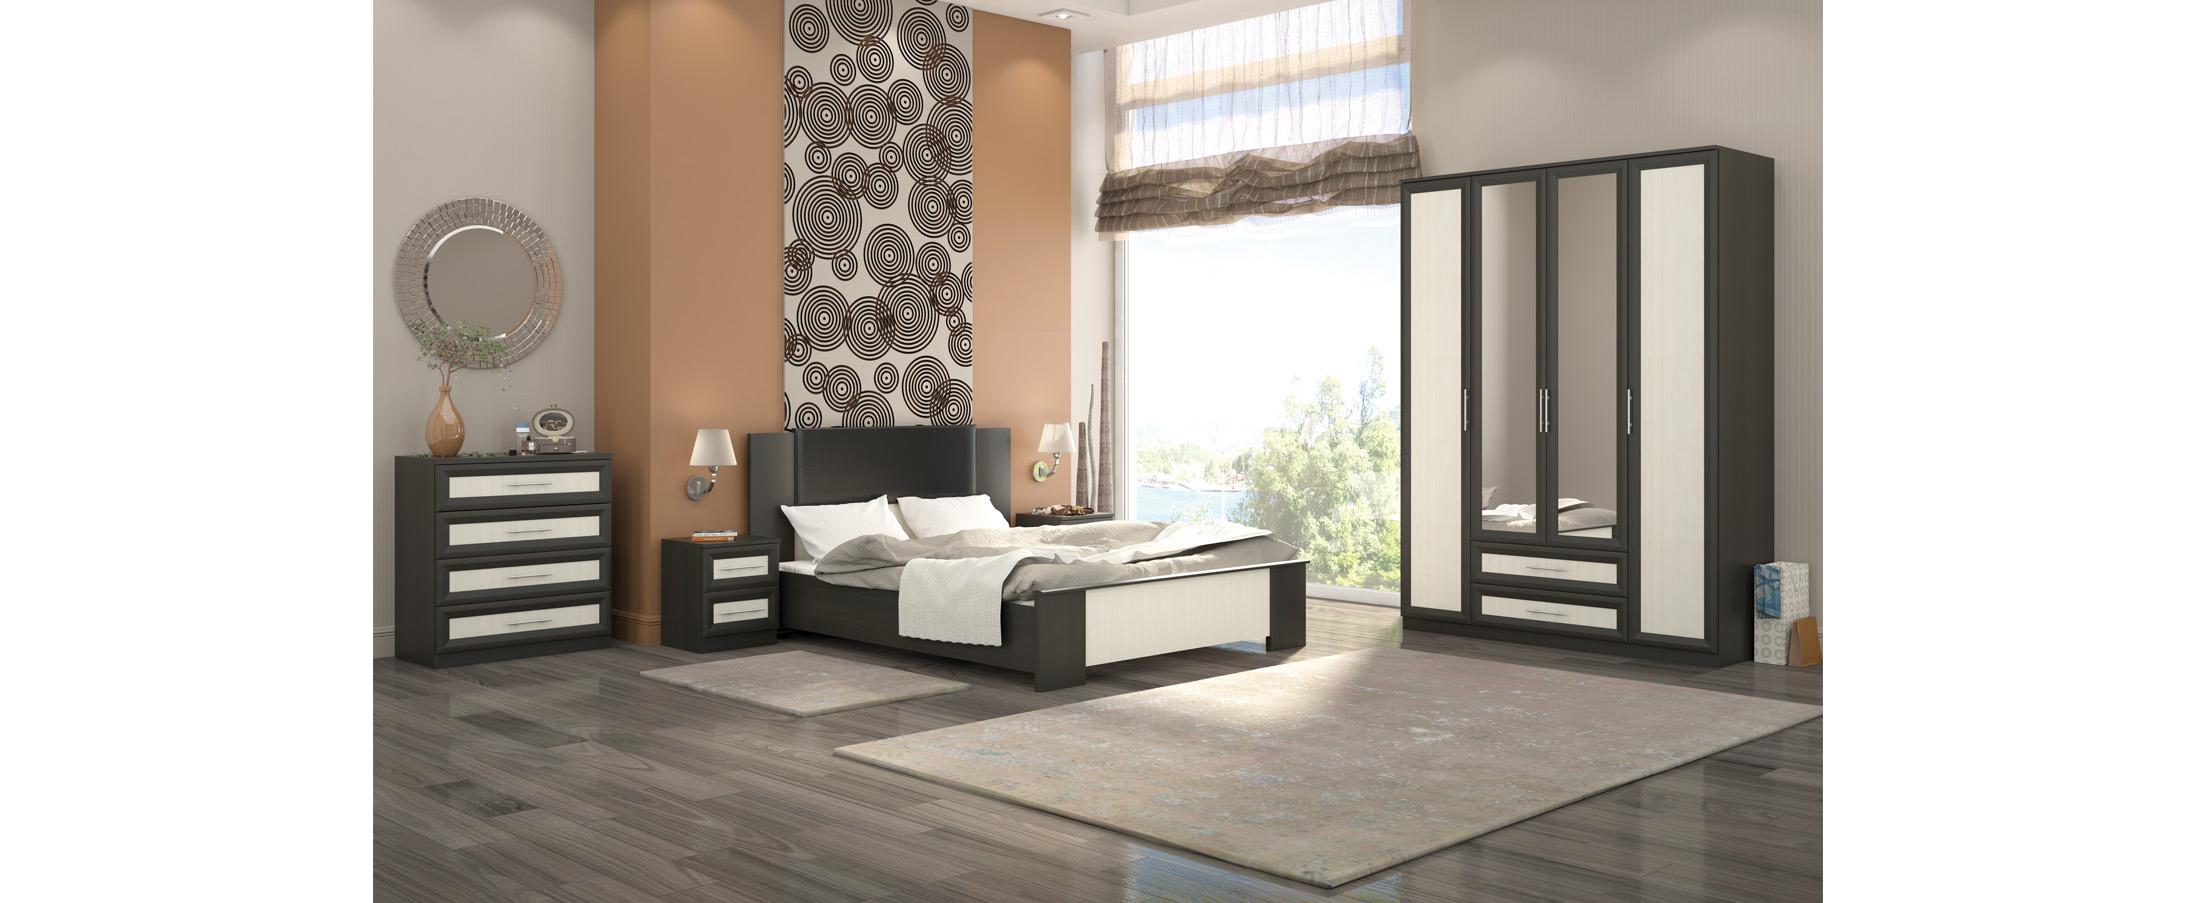 Спальня Юлианна 2 Модель 337 от MOON TRADE